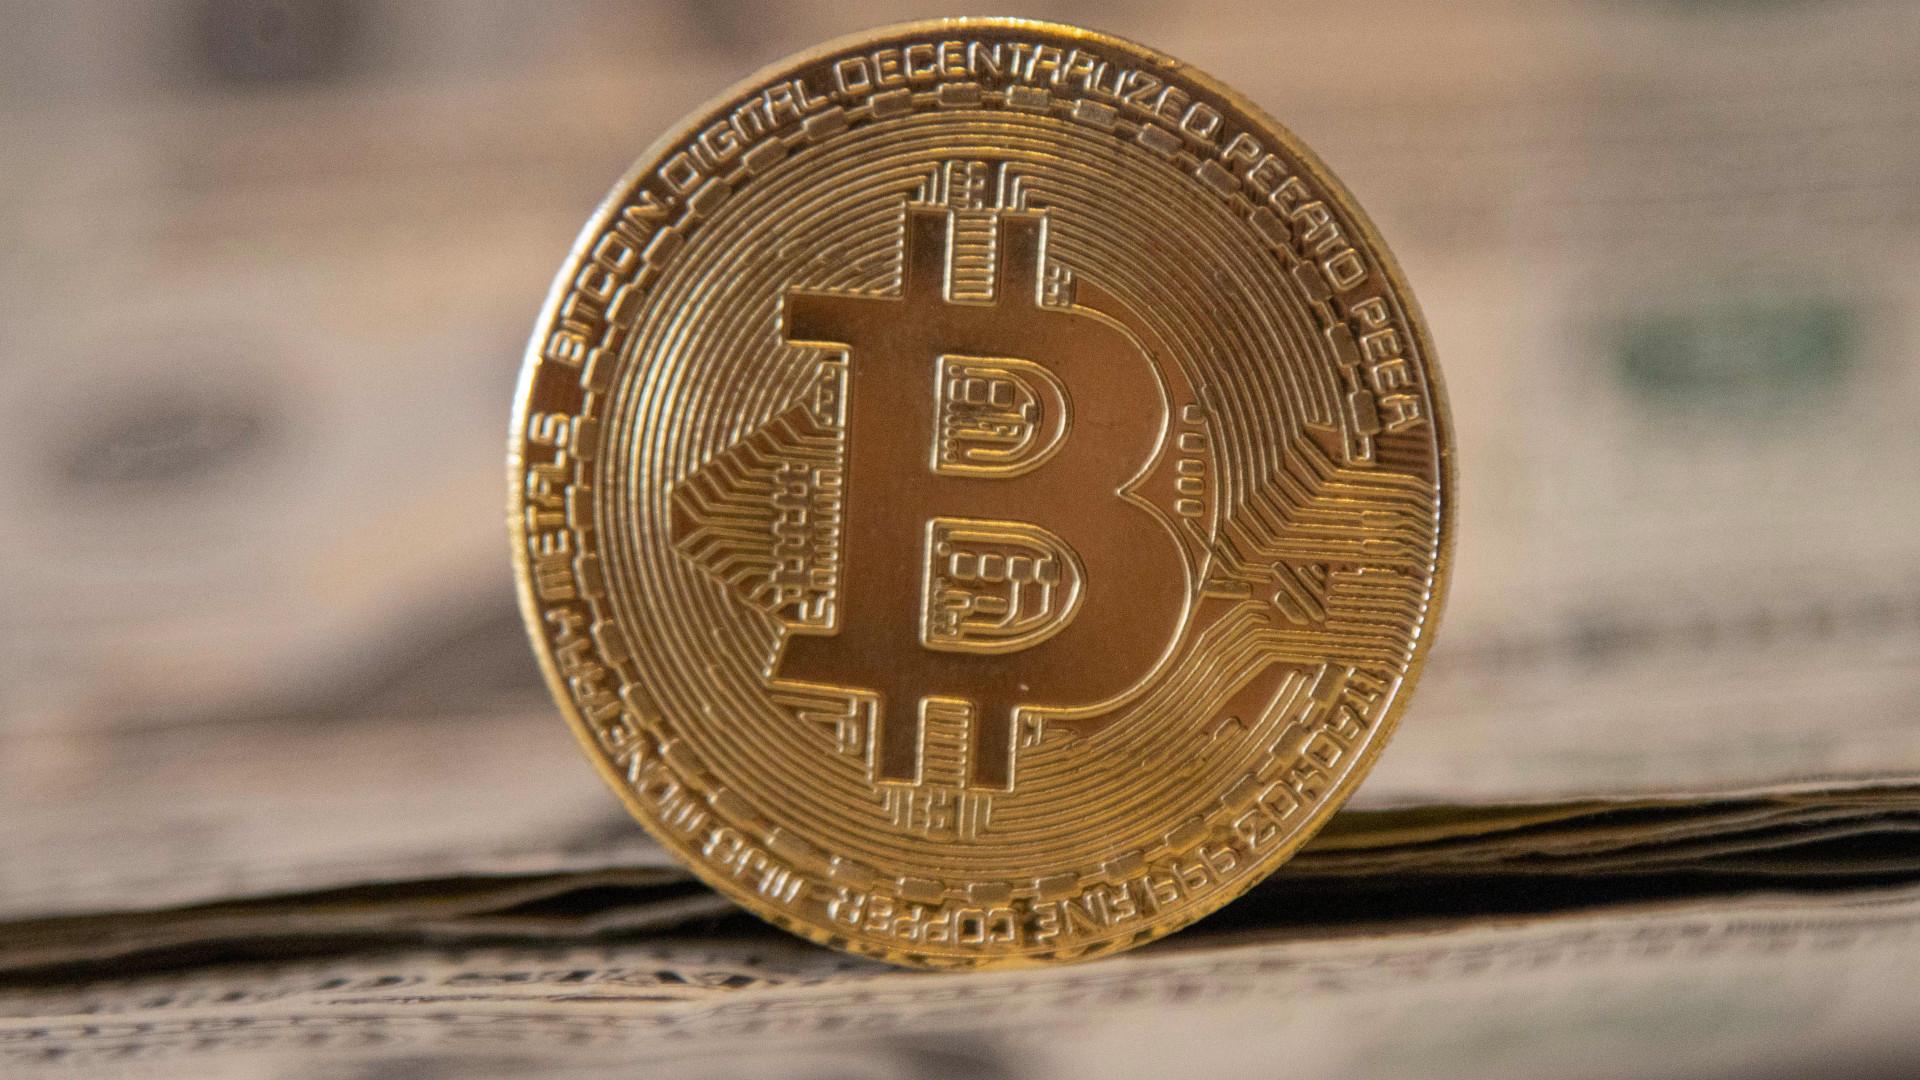 miért esik ma a bitcoin